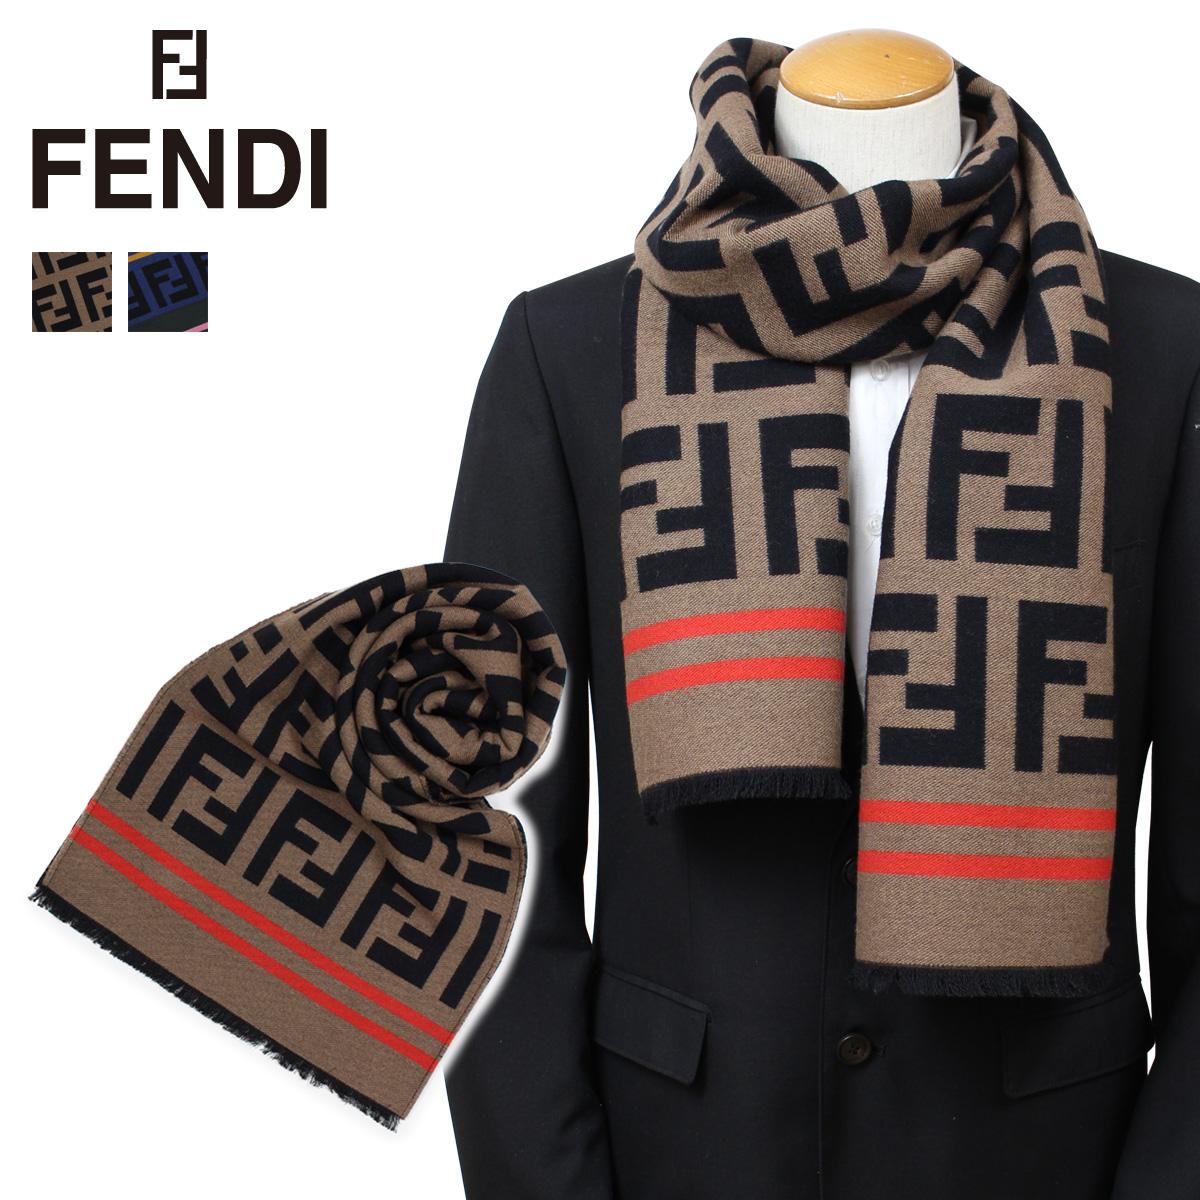 FENDI フェンディ マフラー メンズ レディース ウール シルク ブラウン マルチ FXT151 A3Q1 [9/26 新入荷]